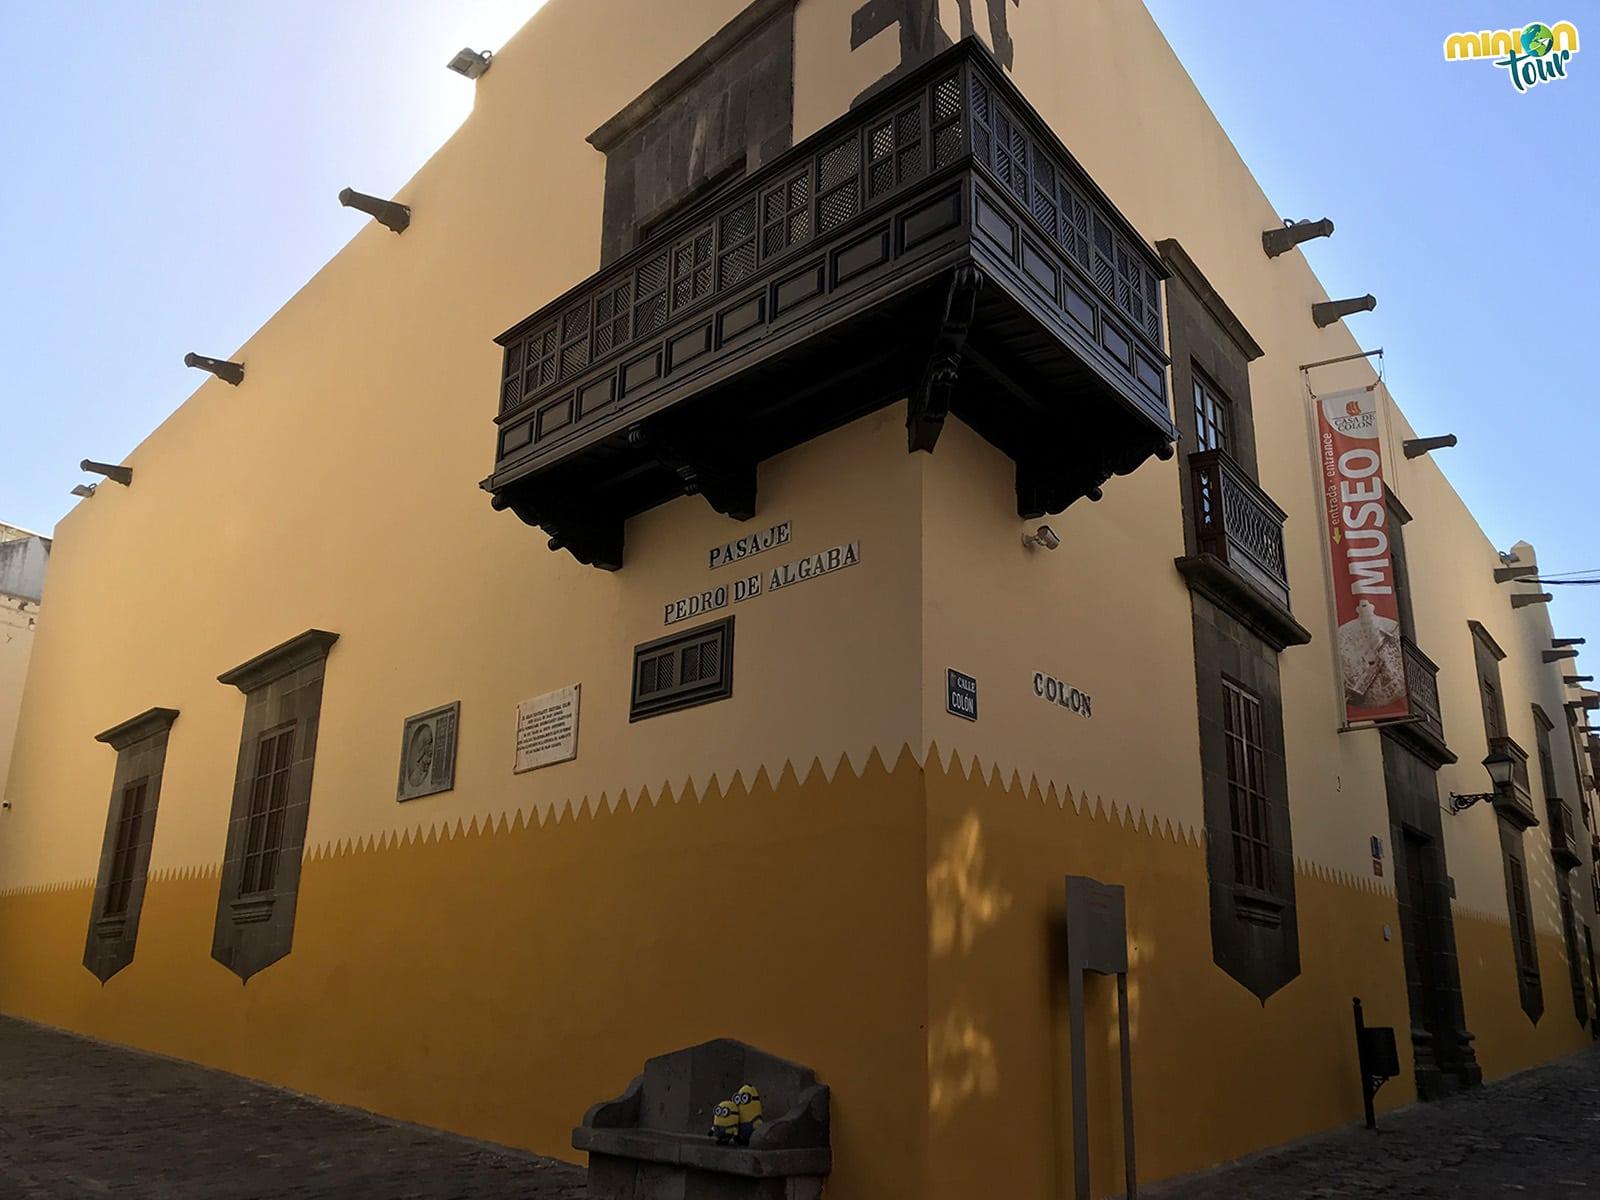 Un pasaje con encanto que ver en Vegueta